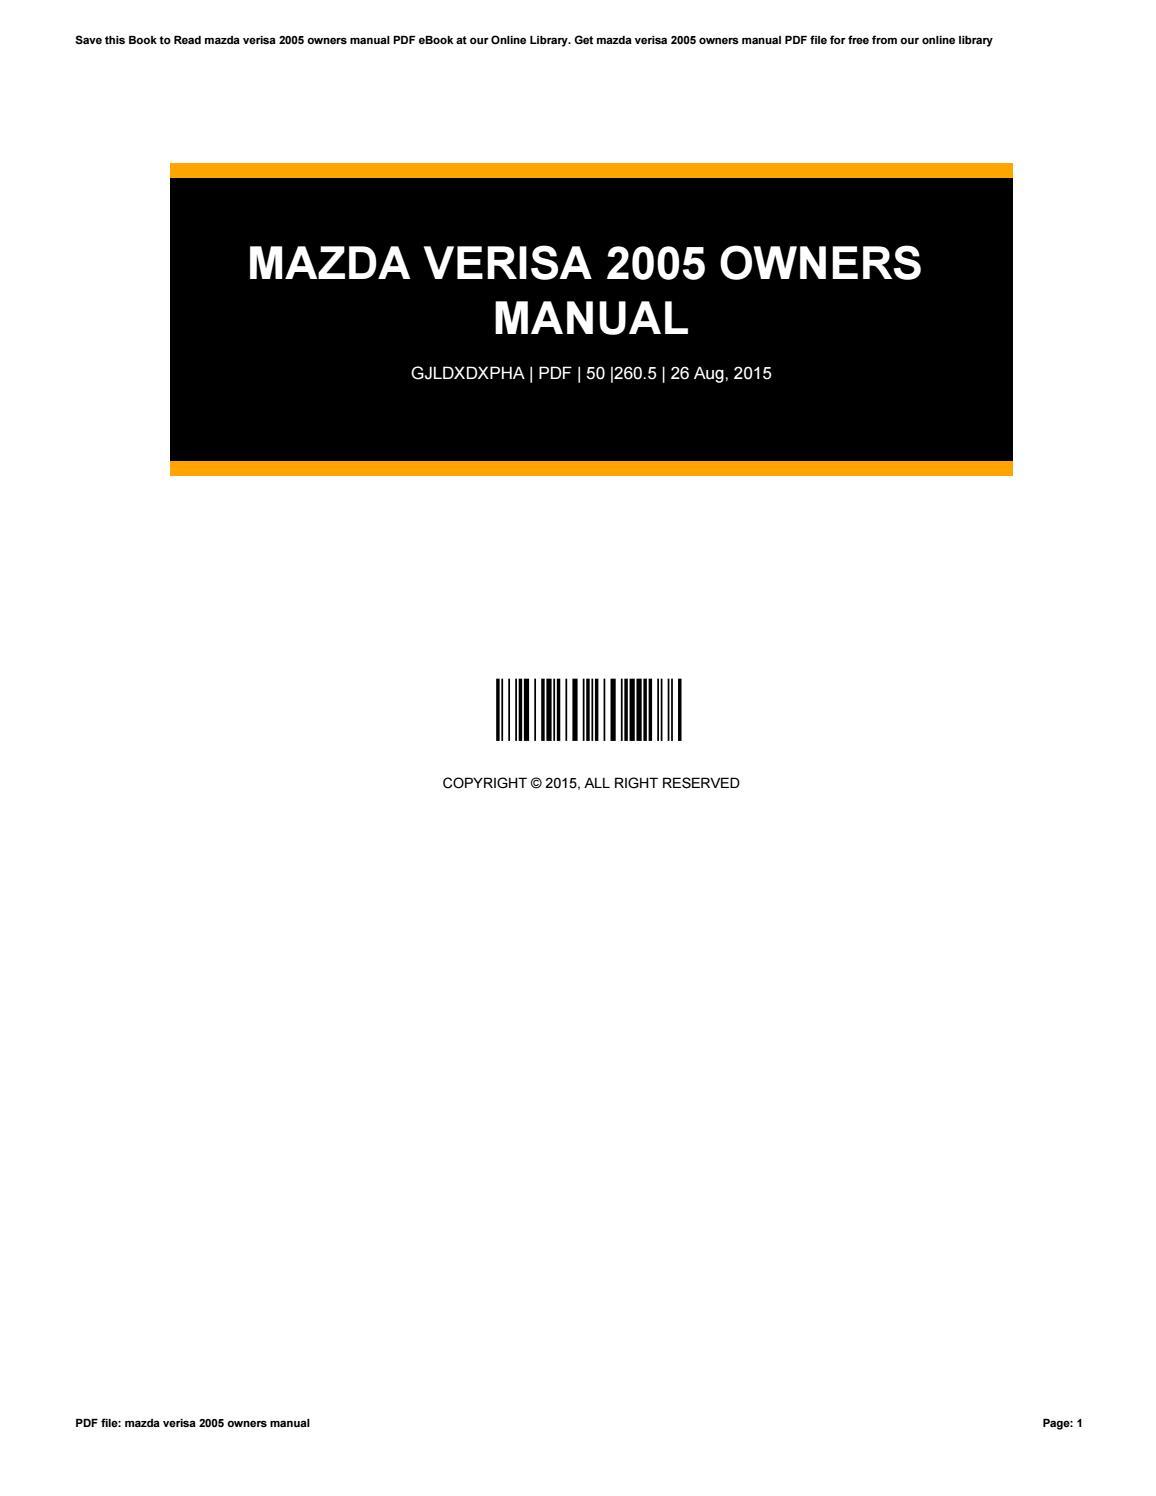 Groß Mazda Schaltpläne Pdf Fotos - Die Besten Elektrischen ...